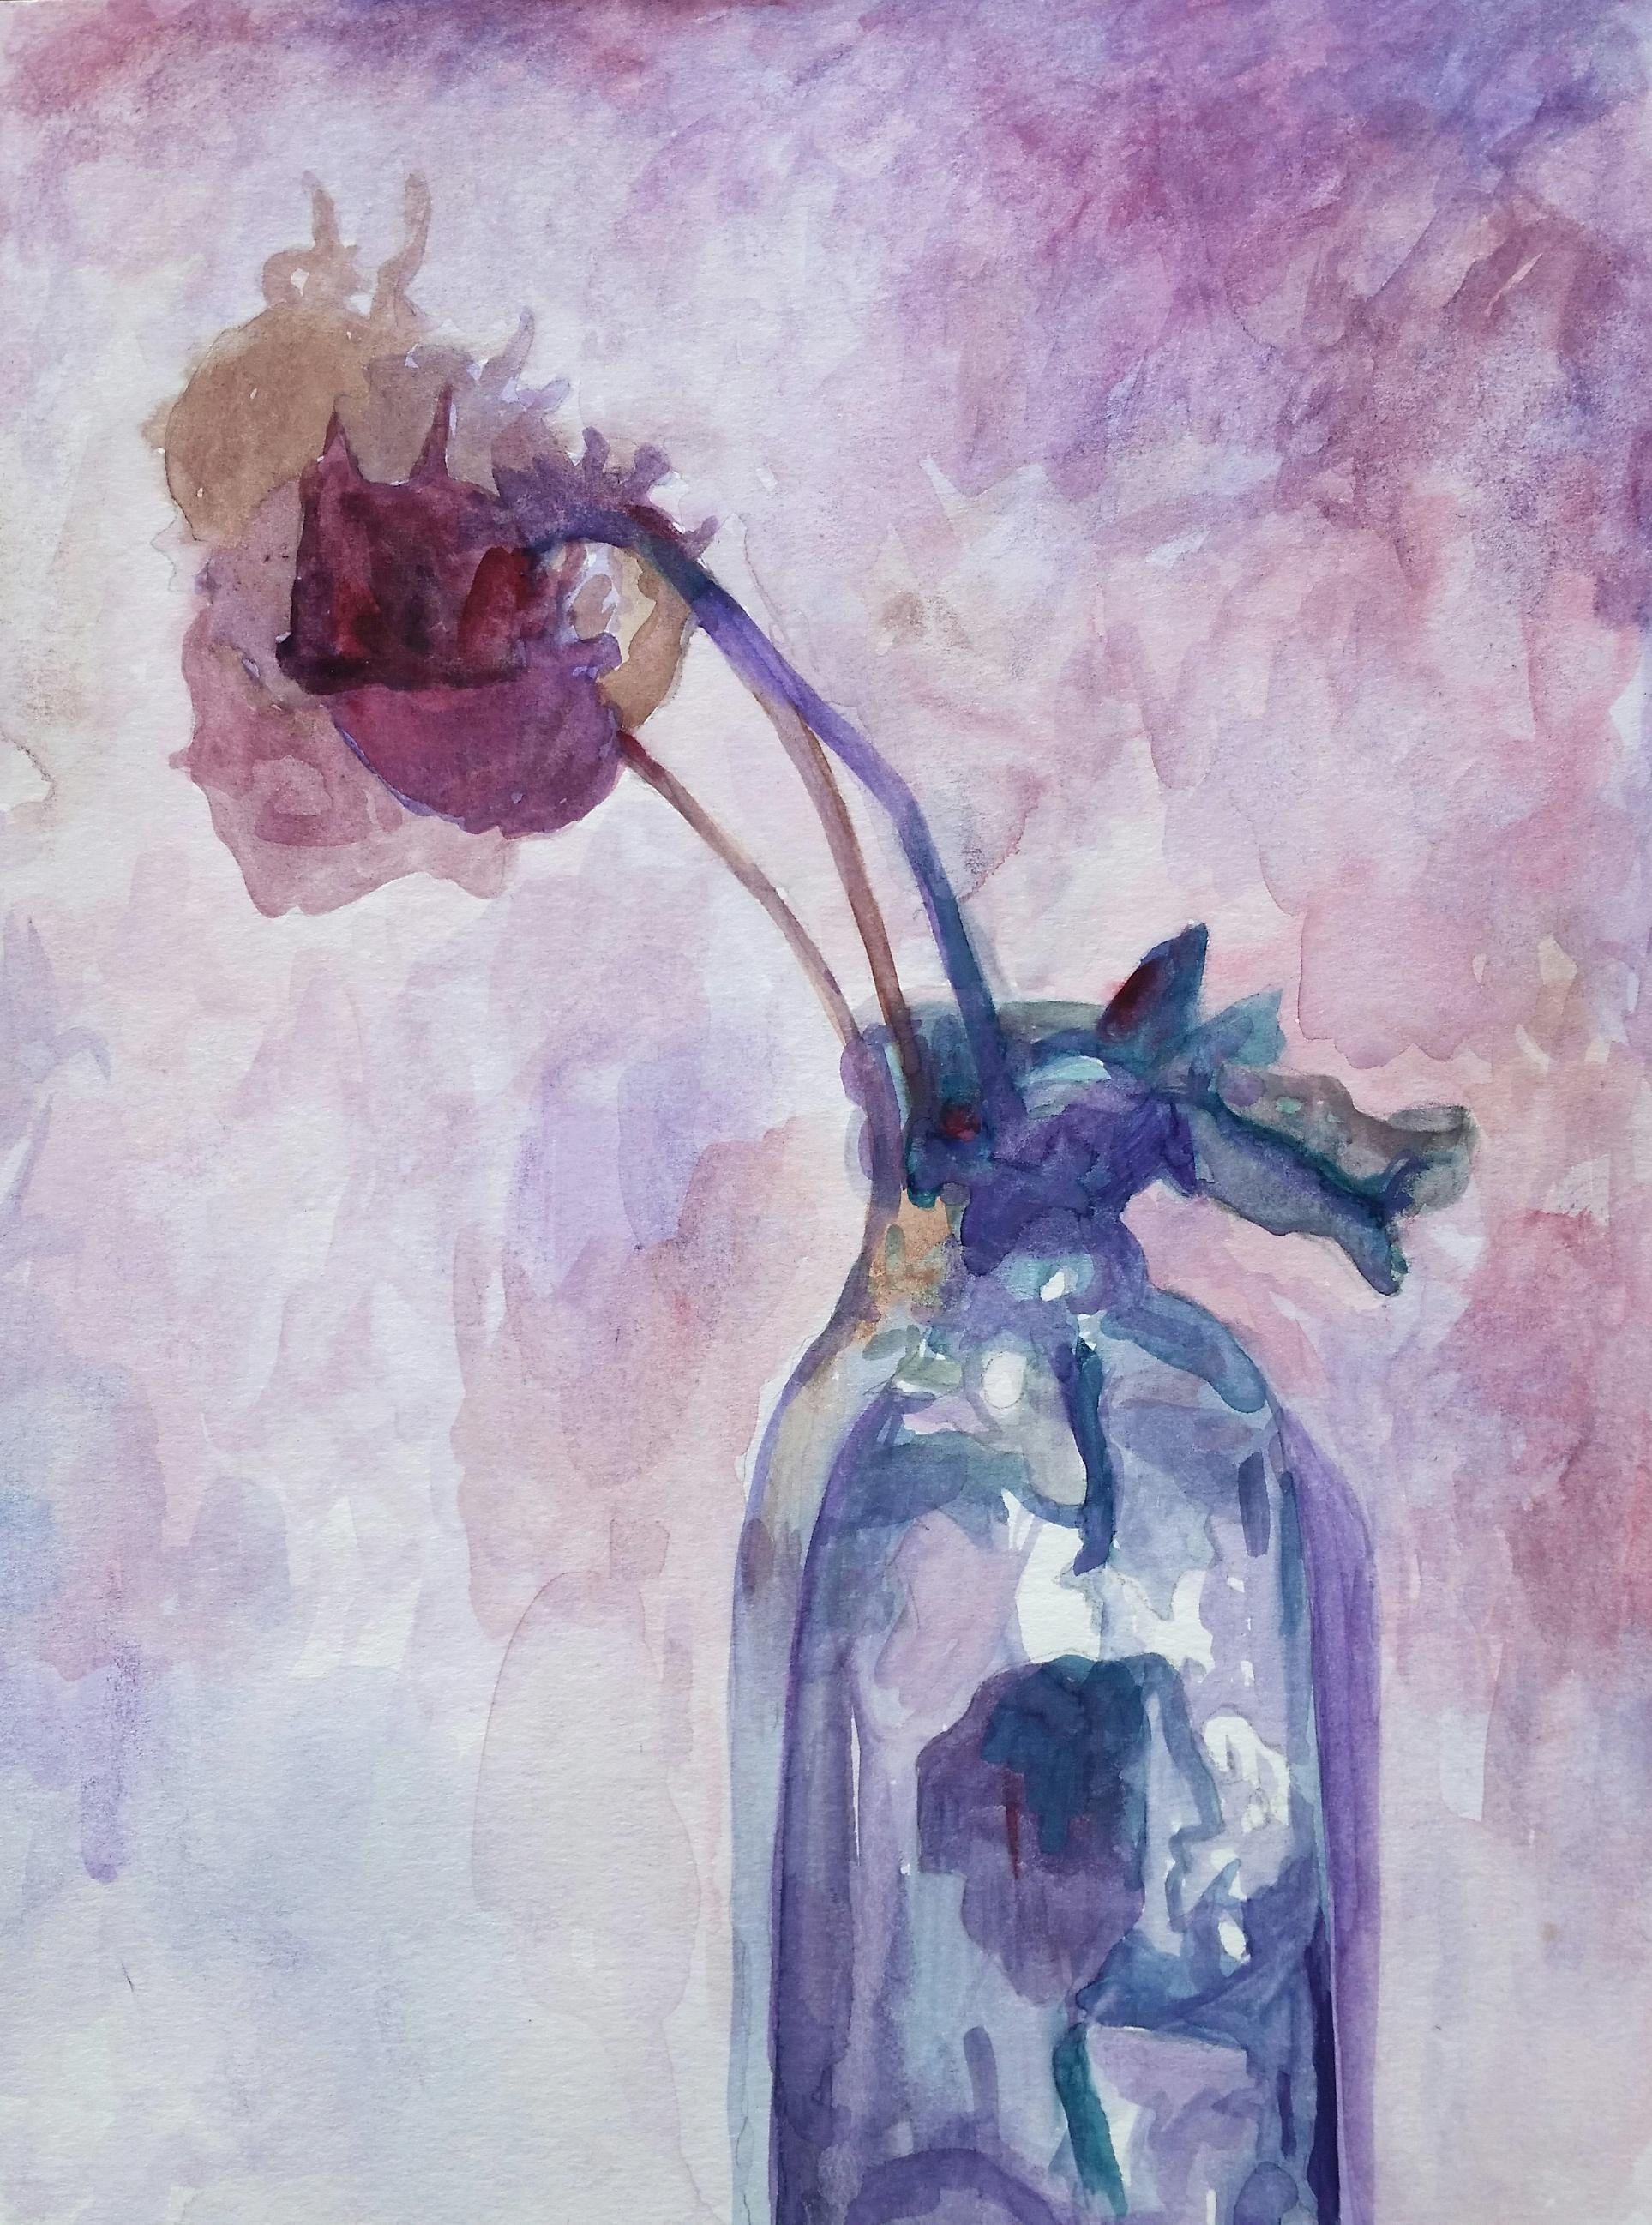 Rose in a Vase 2